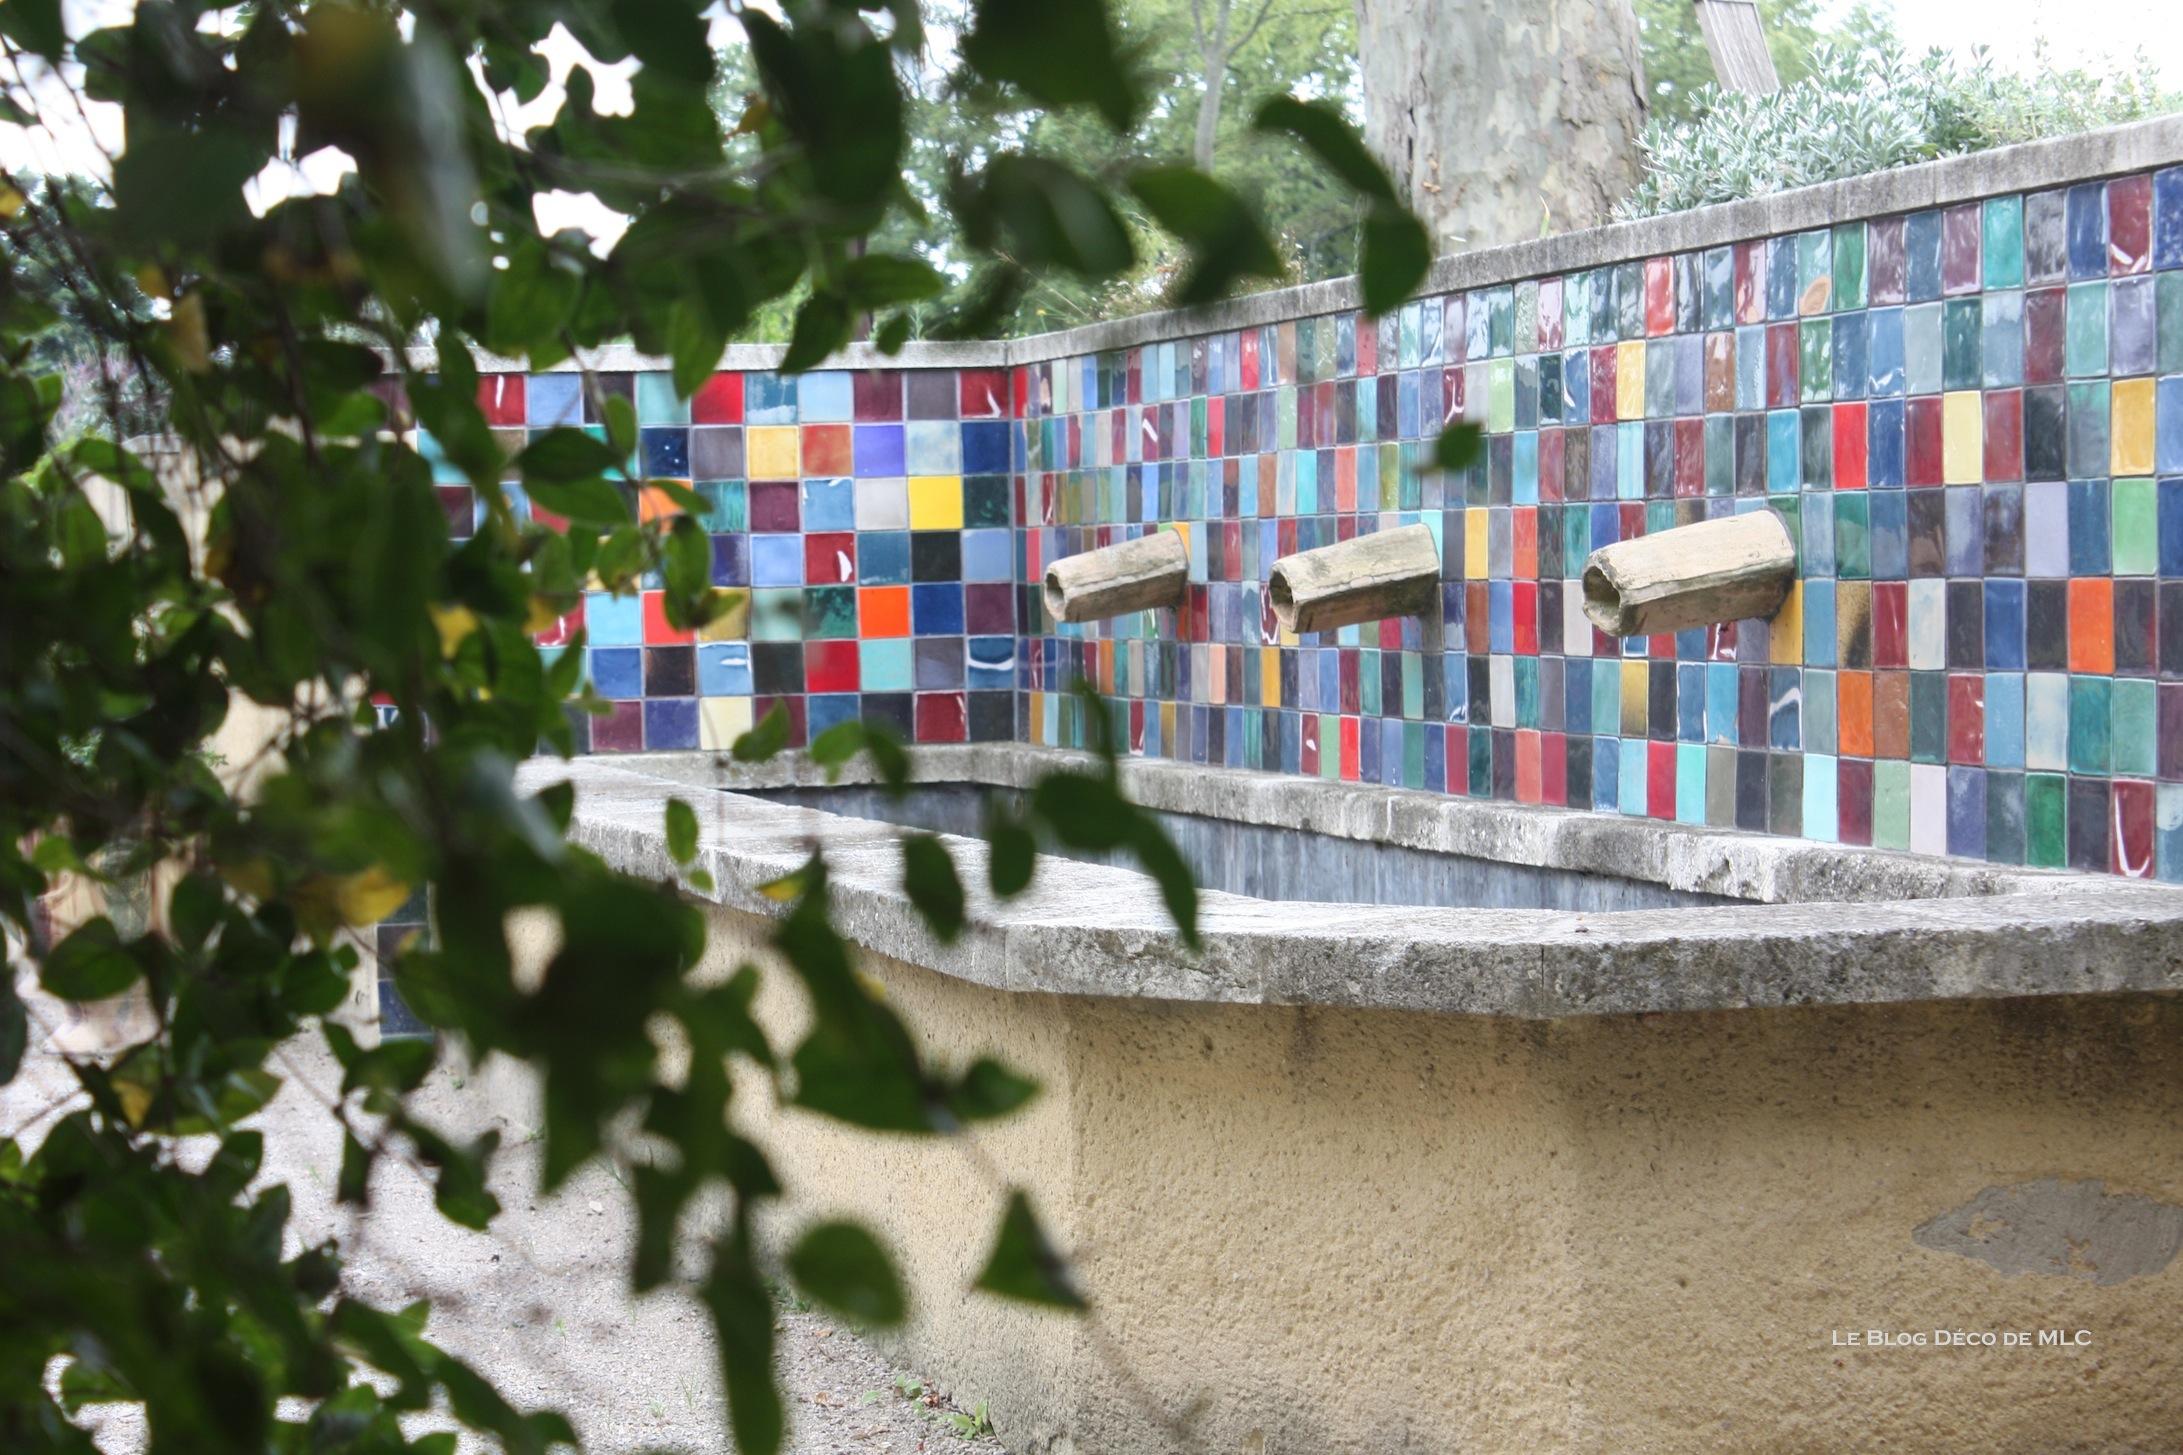 Une maison en provence couleurs m langes et lifestyle le blog d co de mlc - Maison couleur provence ...